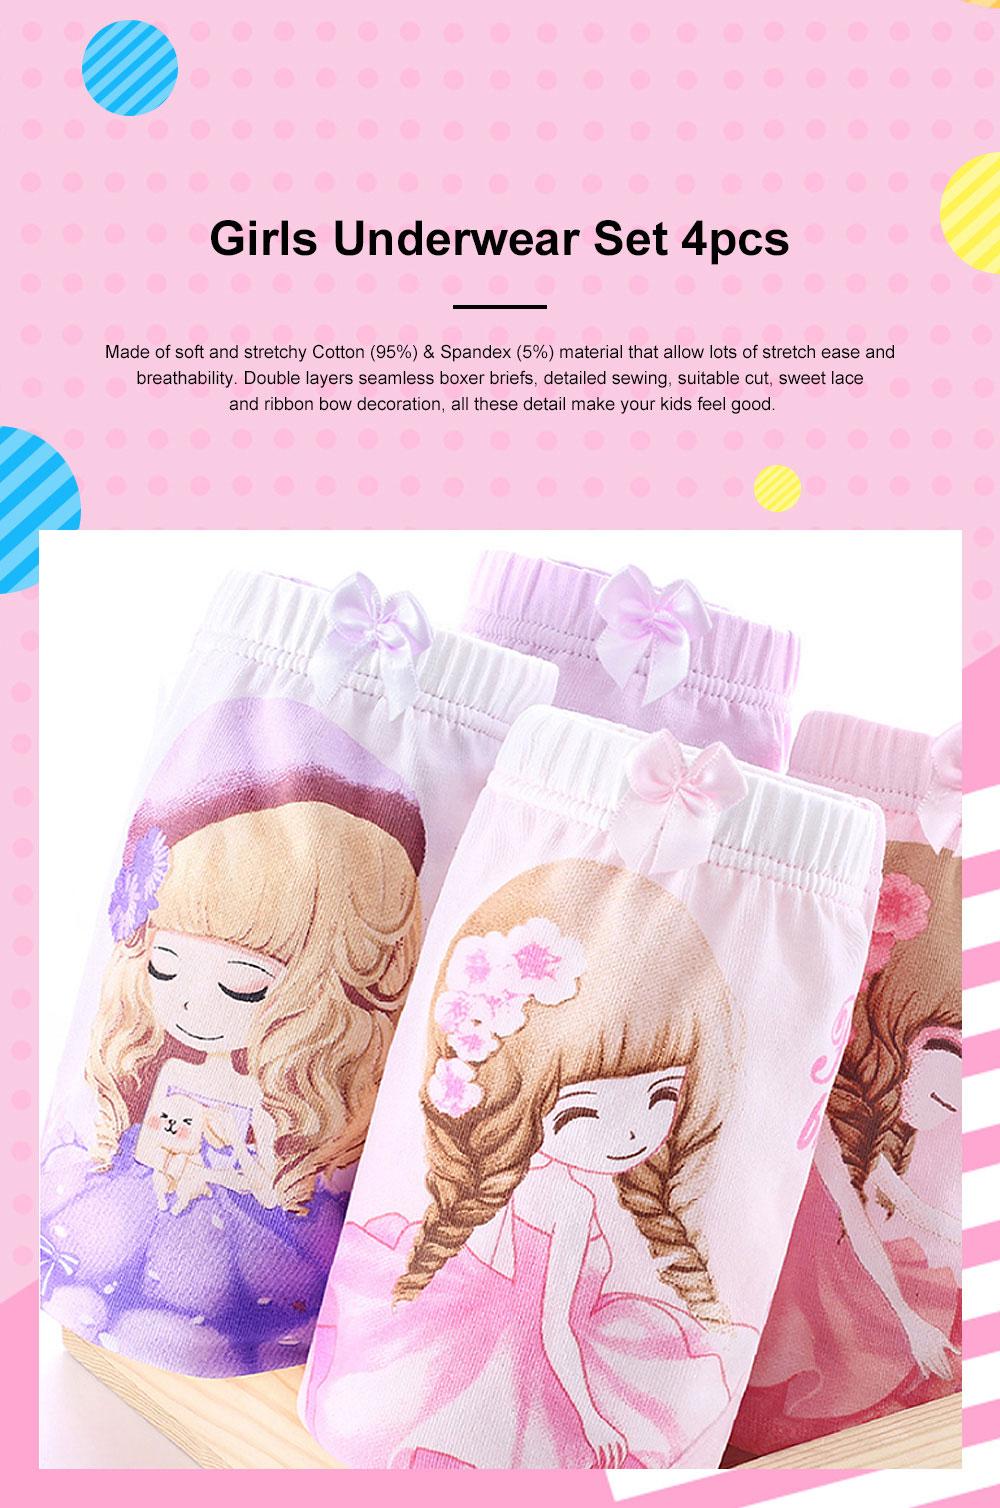 4pcs Girls Underwear Organic Cotton Boxer Briefs Cute Underwear Set for Girls 3-14 Years Old 0